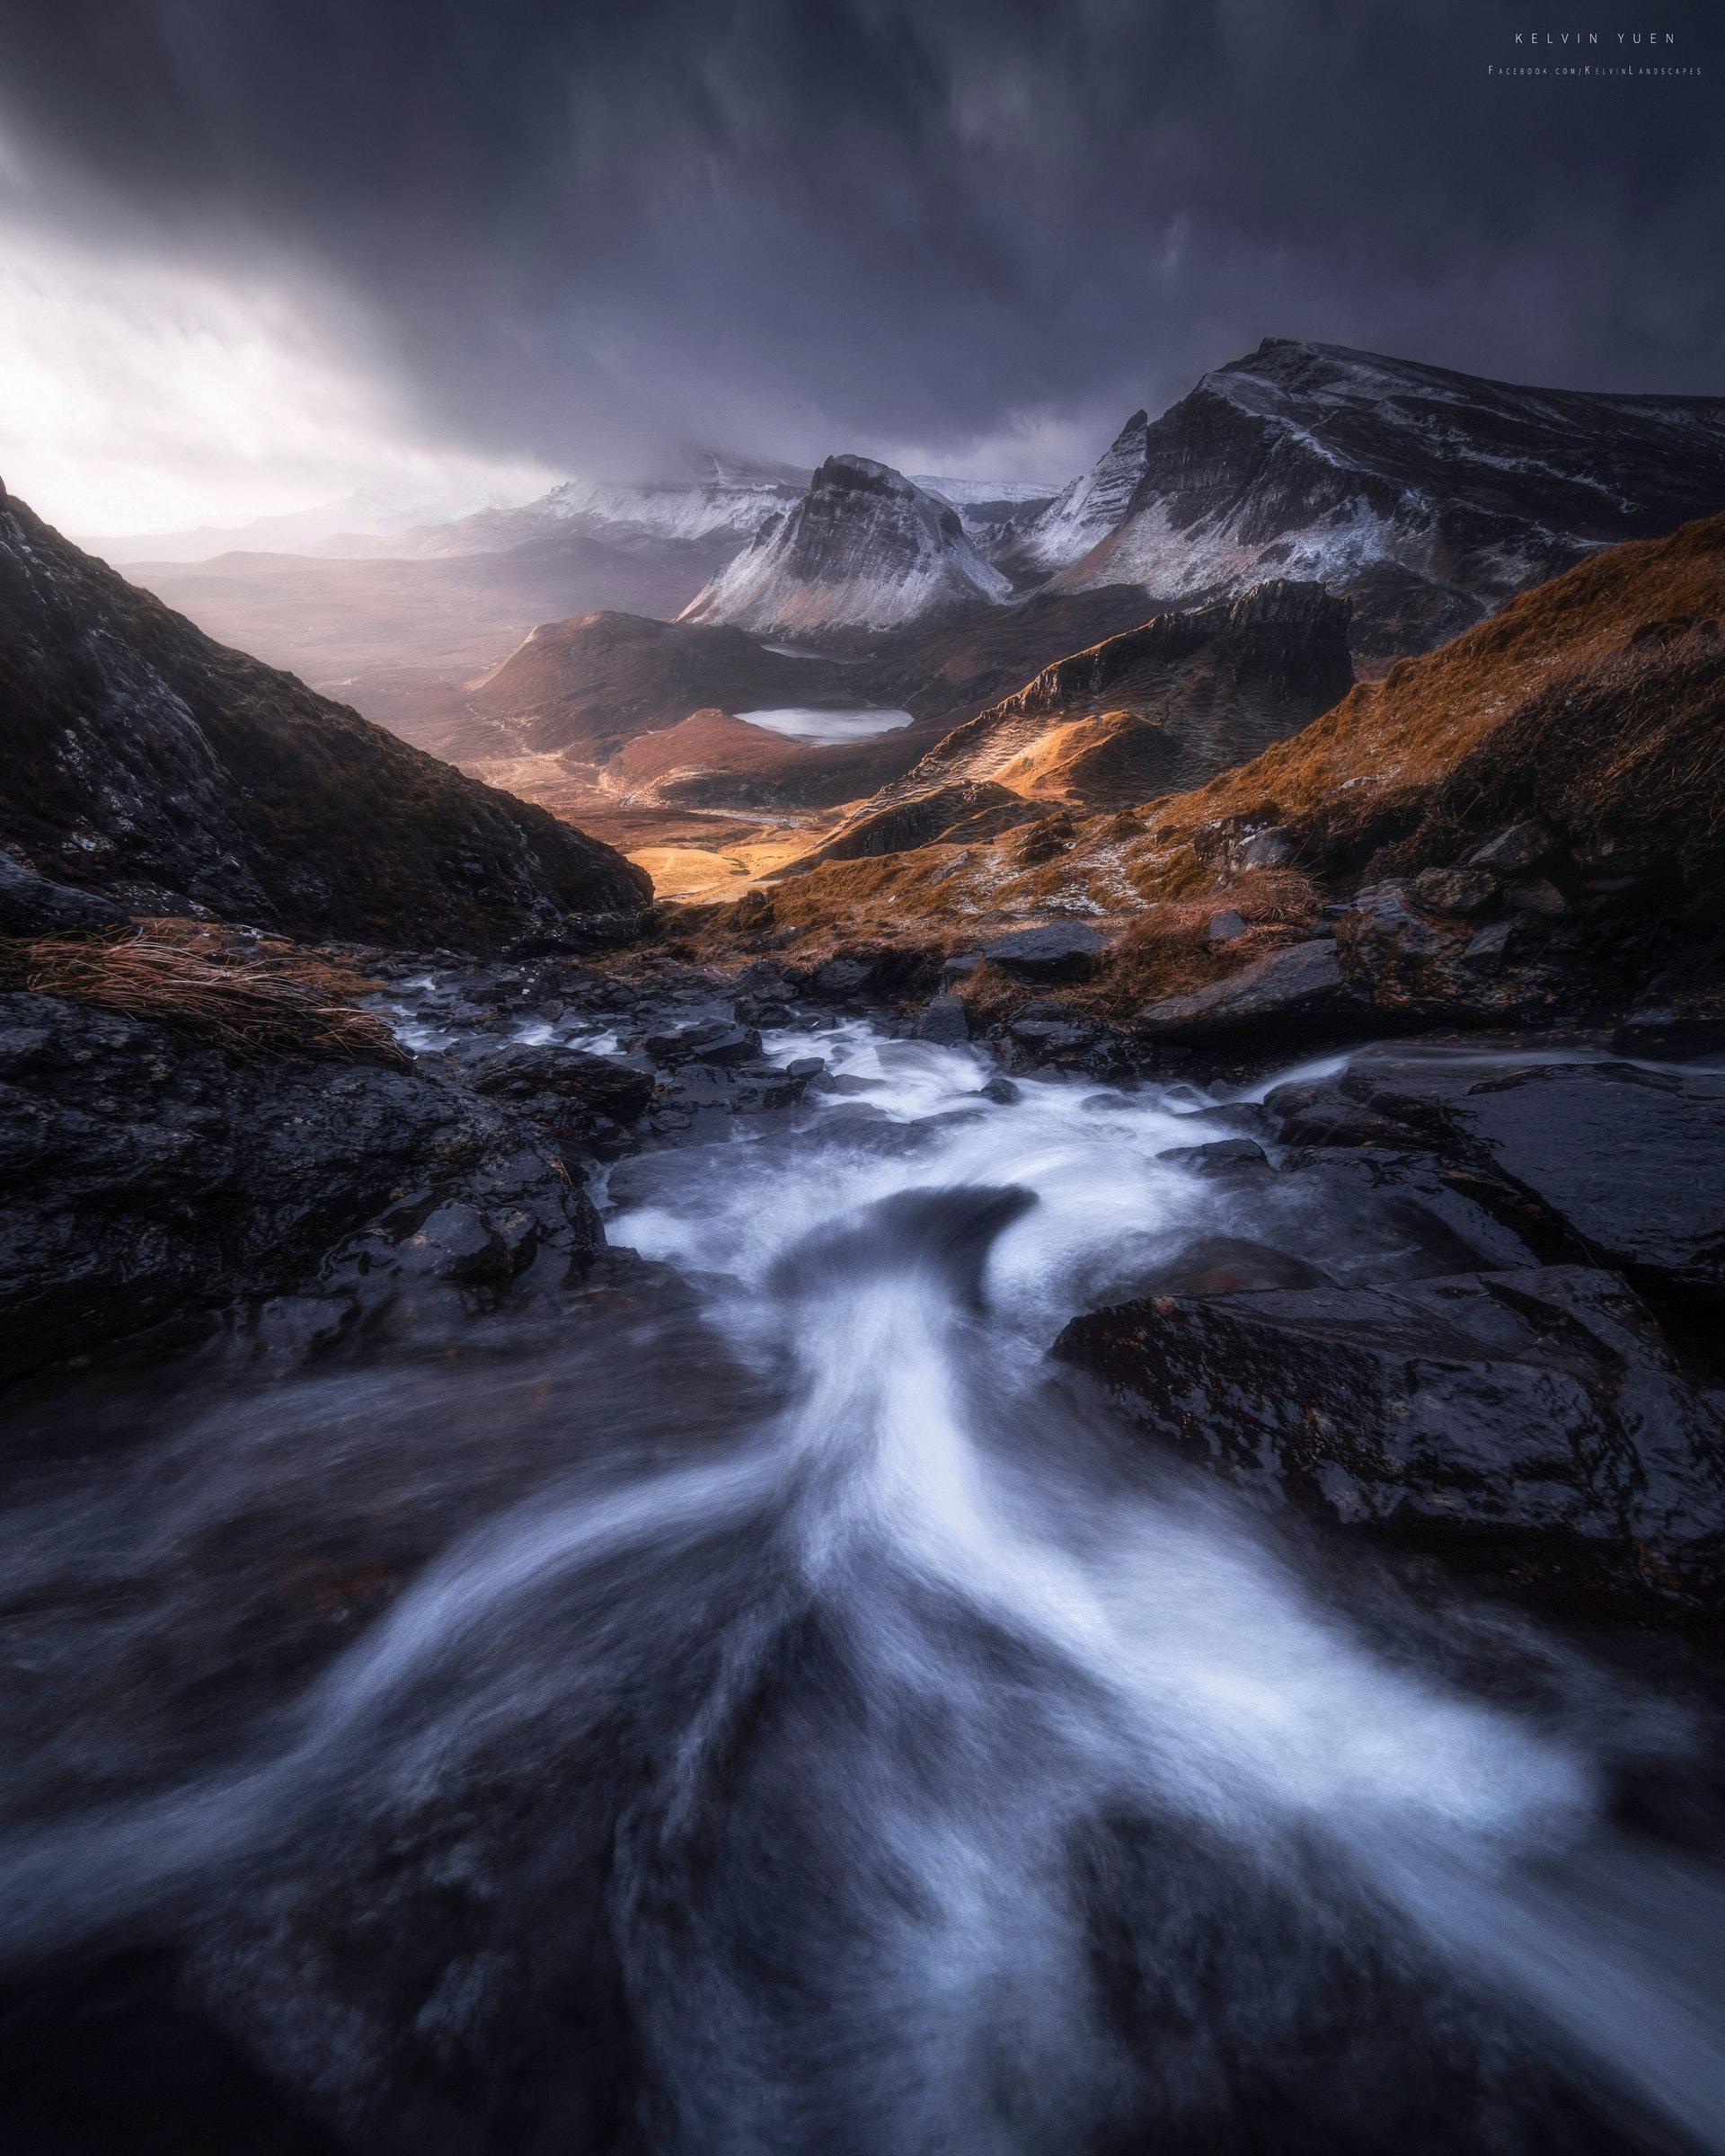 這張照片攝於蘇格蘭,名為Flow。(由受訪者提供/Kelvin Yuen攝)